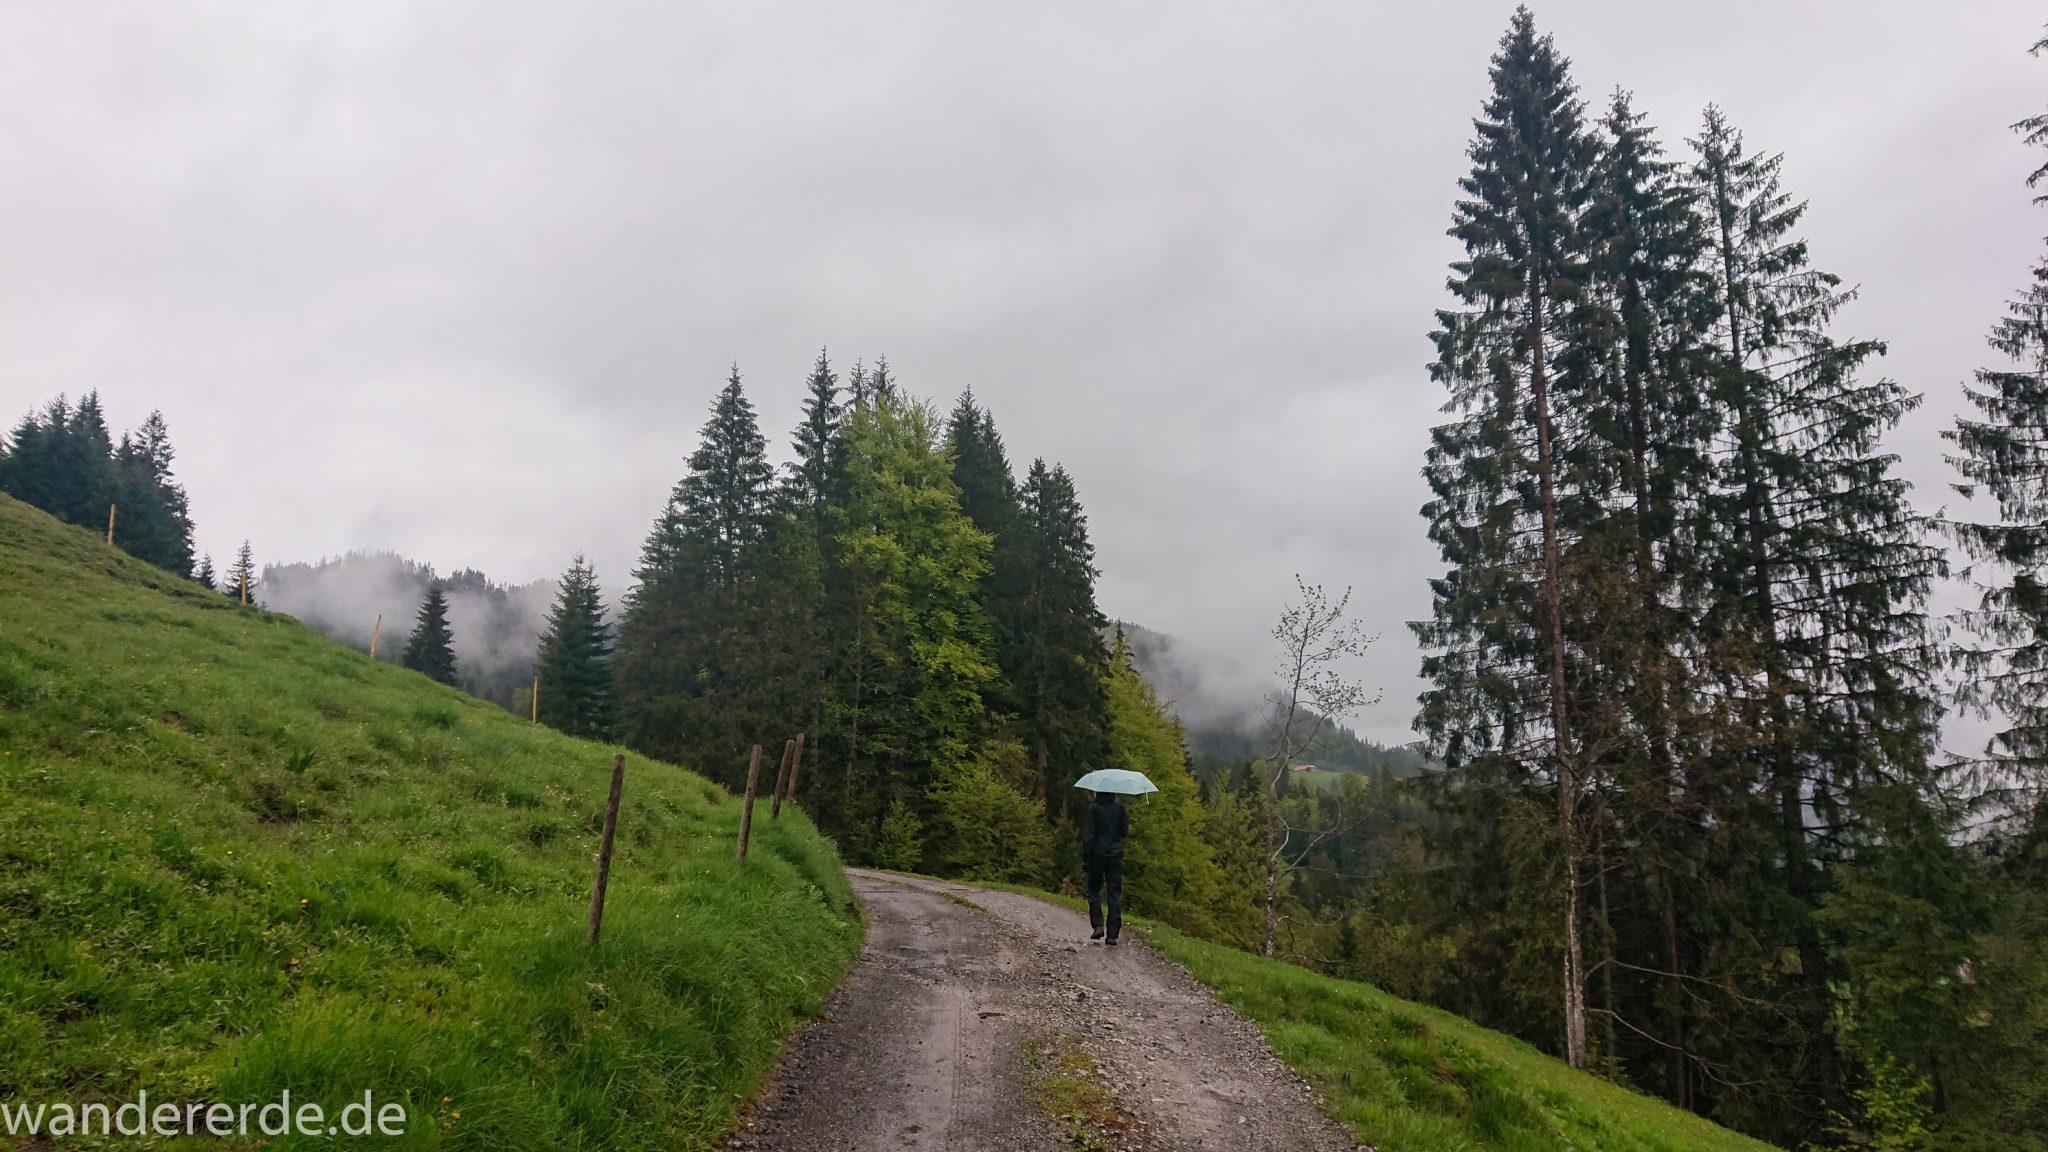 Wanderung bei der Breitachklamm im Allgäu, schöner Wald, saftige Wiesen, Wanderweg zum Waldhaus, schneebedeckte Berge in der Ferne